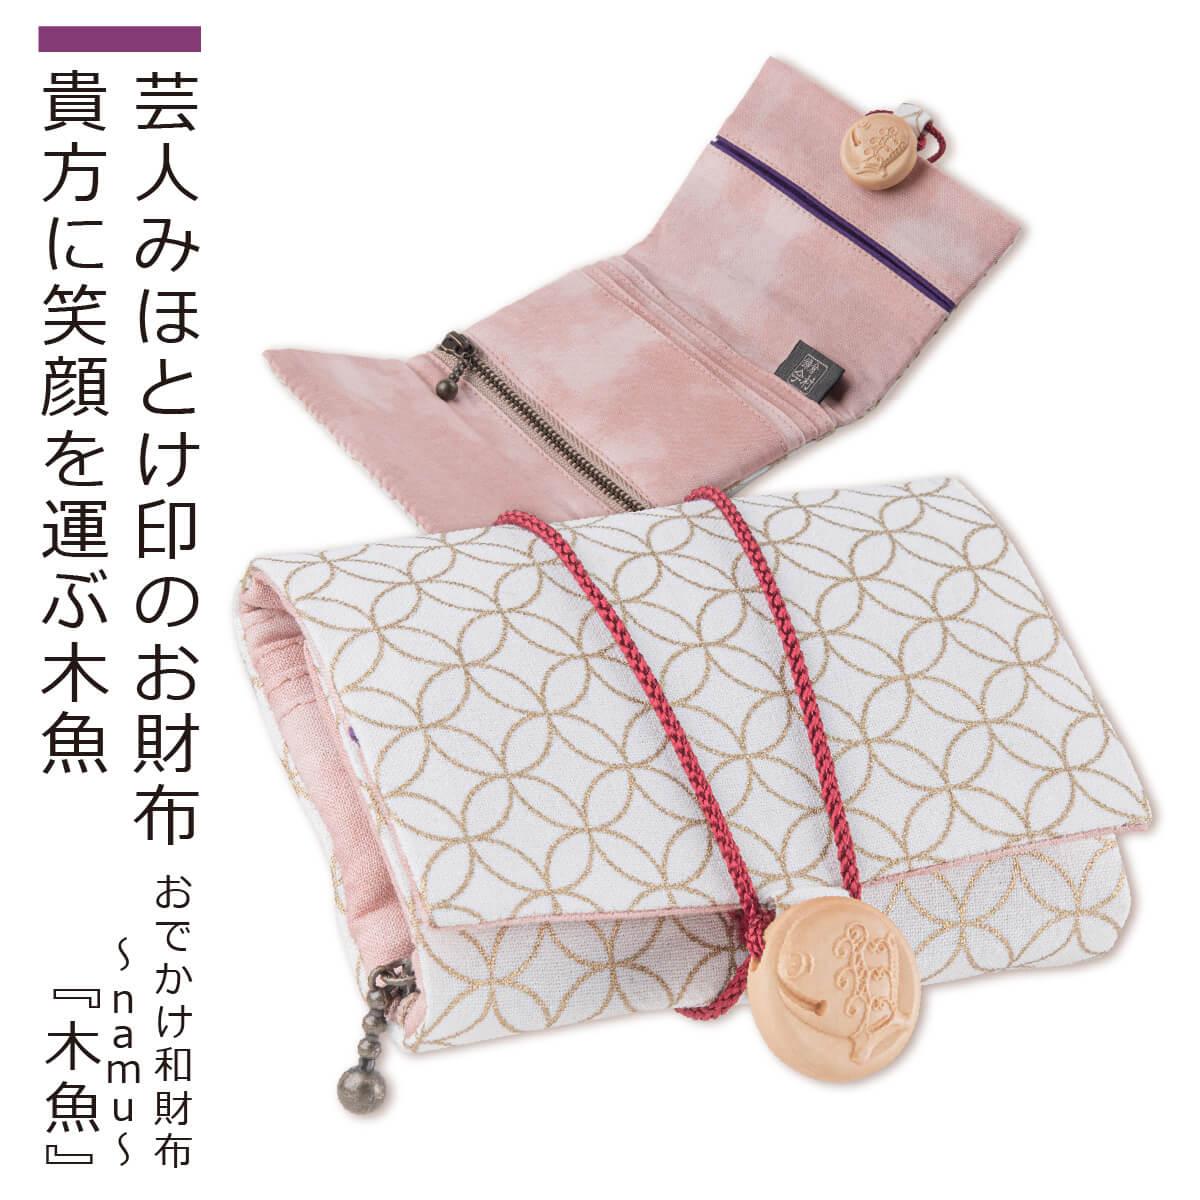 期間限定で特別価格 財布 おでかけ和財布~namu~ 木魚 和財布 ≫ 休み